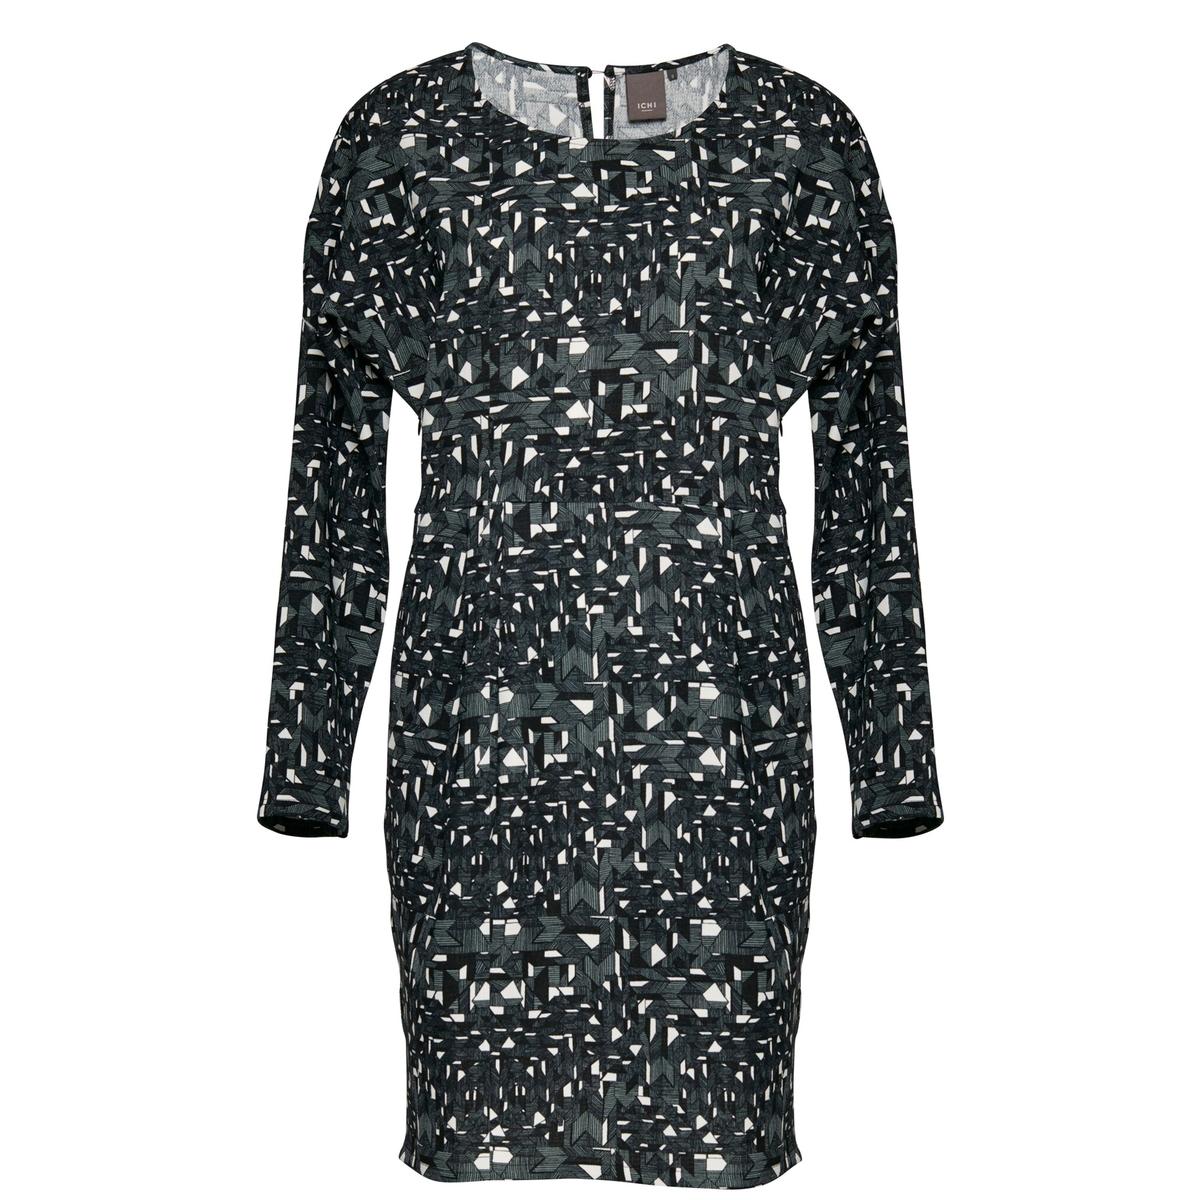 Платье с рисунком TEASER DRESS 2,длинные рукаваСостав и описаниеМарка: ICHI.Модель: TEASER DRESS 2.Материал: 100% полиэстер.<br><br>Цвет: зеленый лесной<br>Размер: M.S